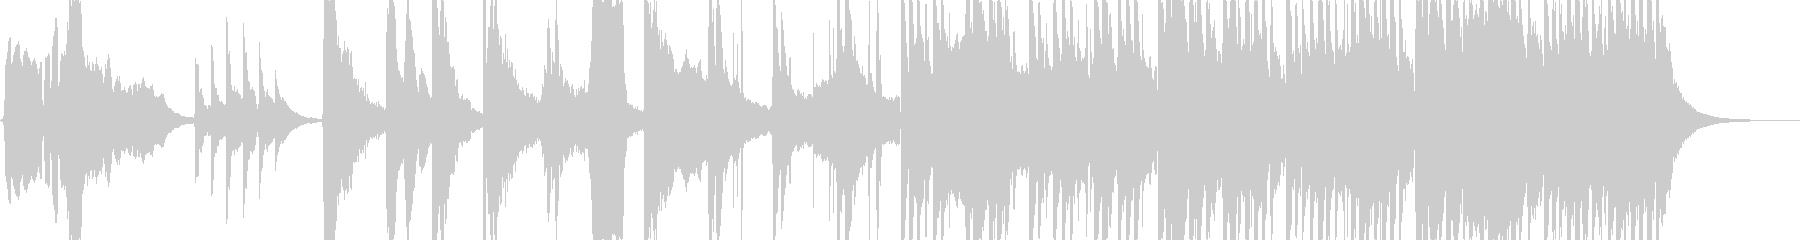 【和】落ち着いた和の曲の未再生の波形